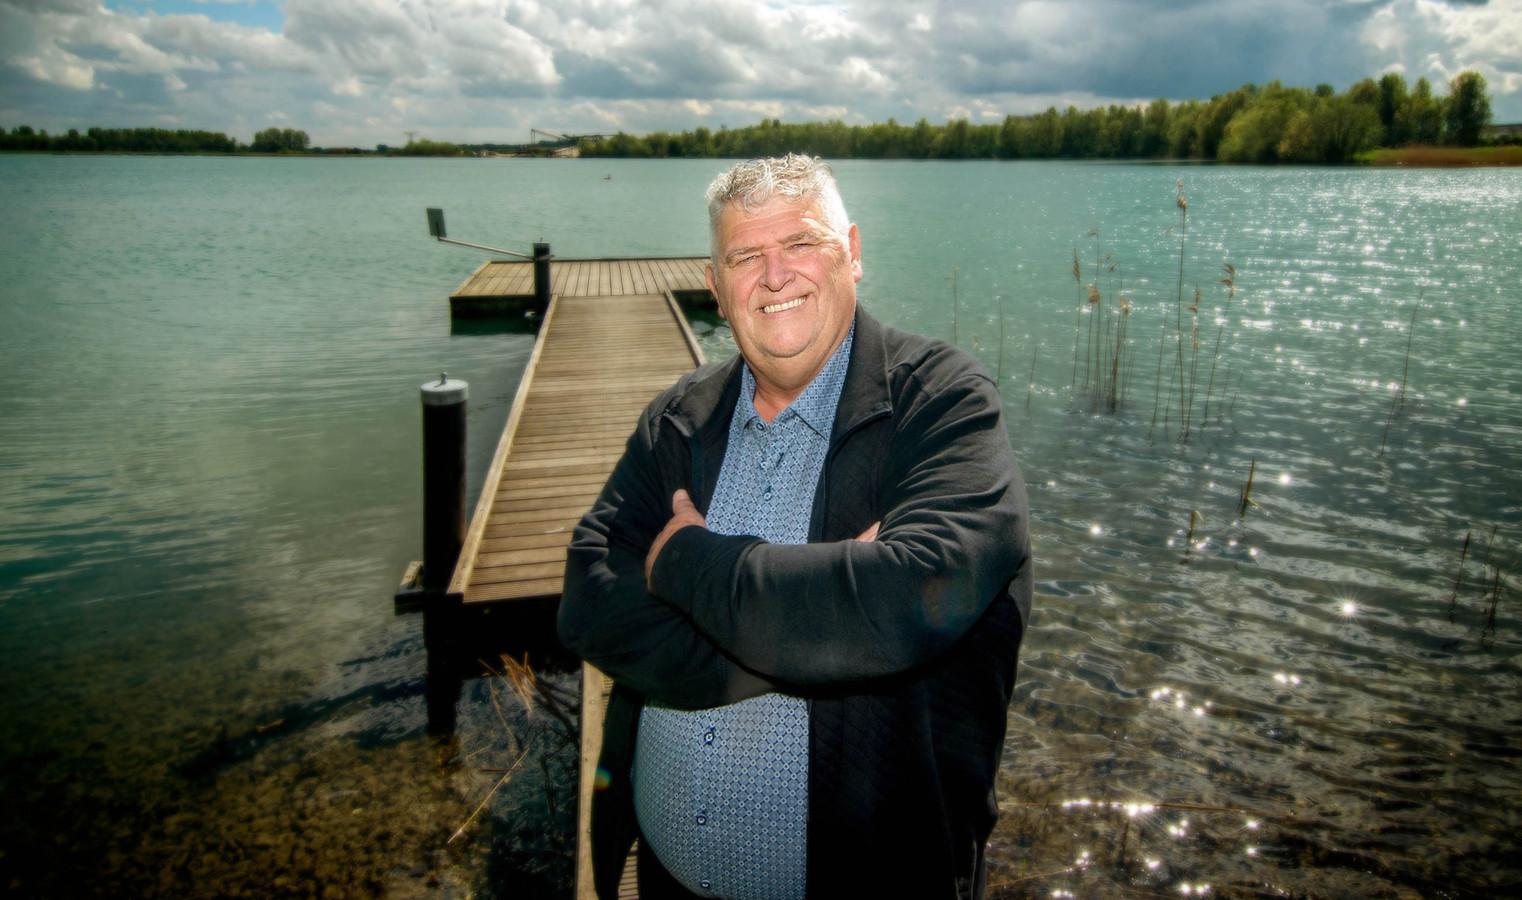 Drutenaar Ger van Hout van de Nederlandse Jagersvereniging zorgde ervoor dat de Gelderse pilot met een jachtopzichter naar Maas en Waal kwam.